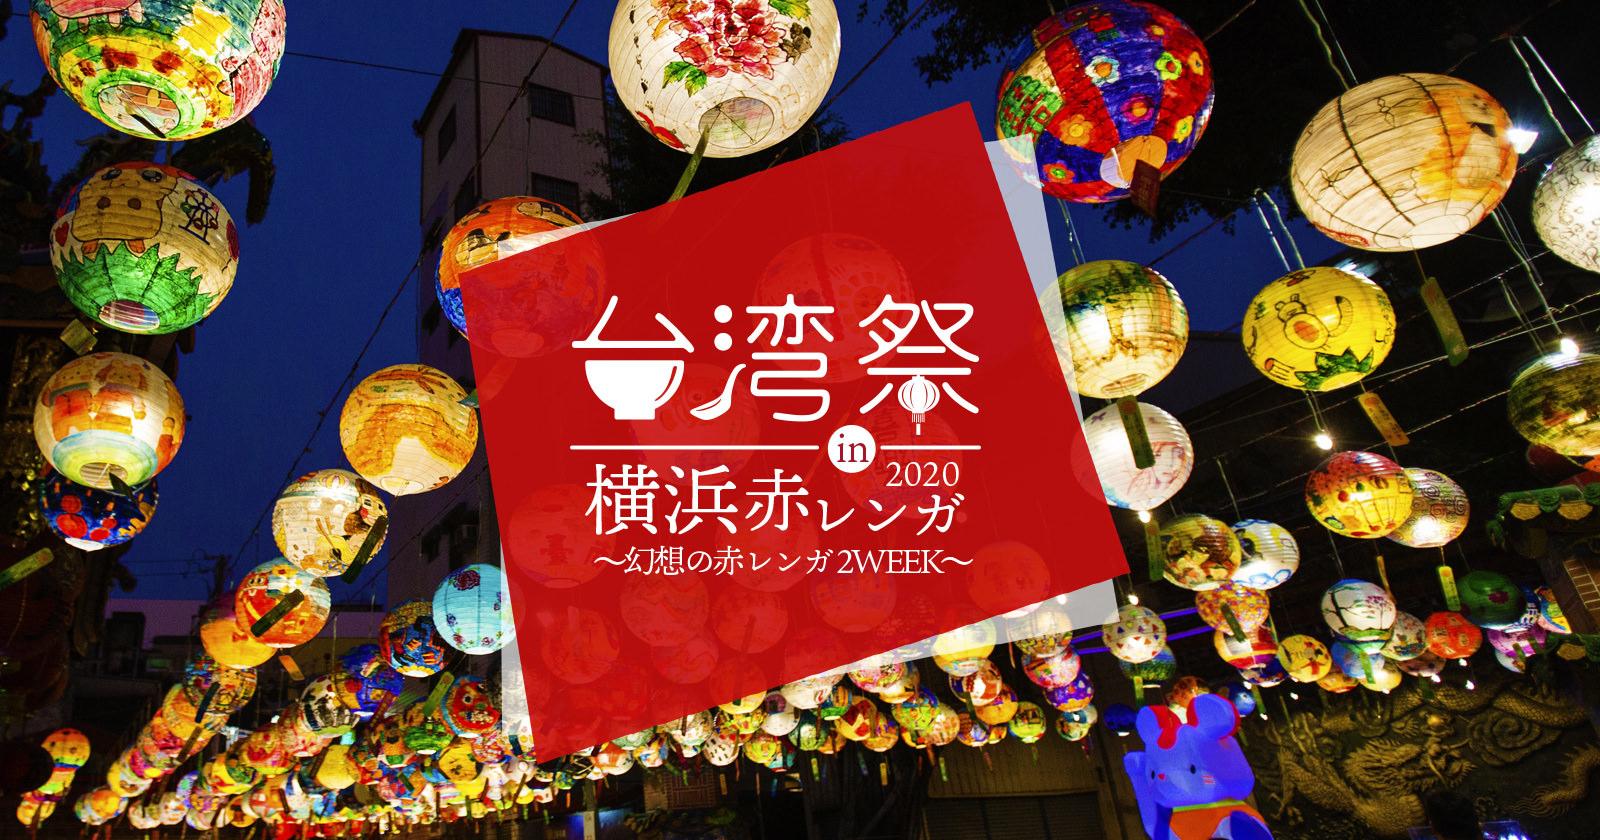 『台湾祭 in 横浜赤レンガ 2020』を8月7日~23日に開催! ~幻想の赤レンガ 2WEEK~